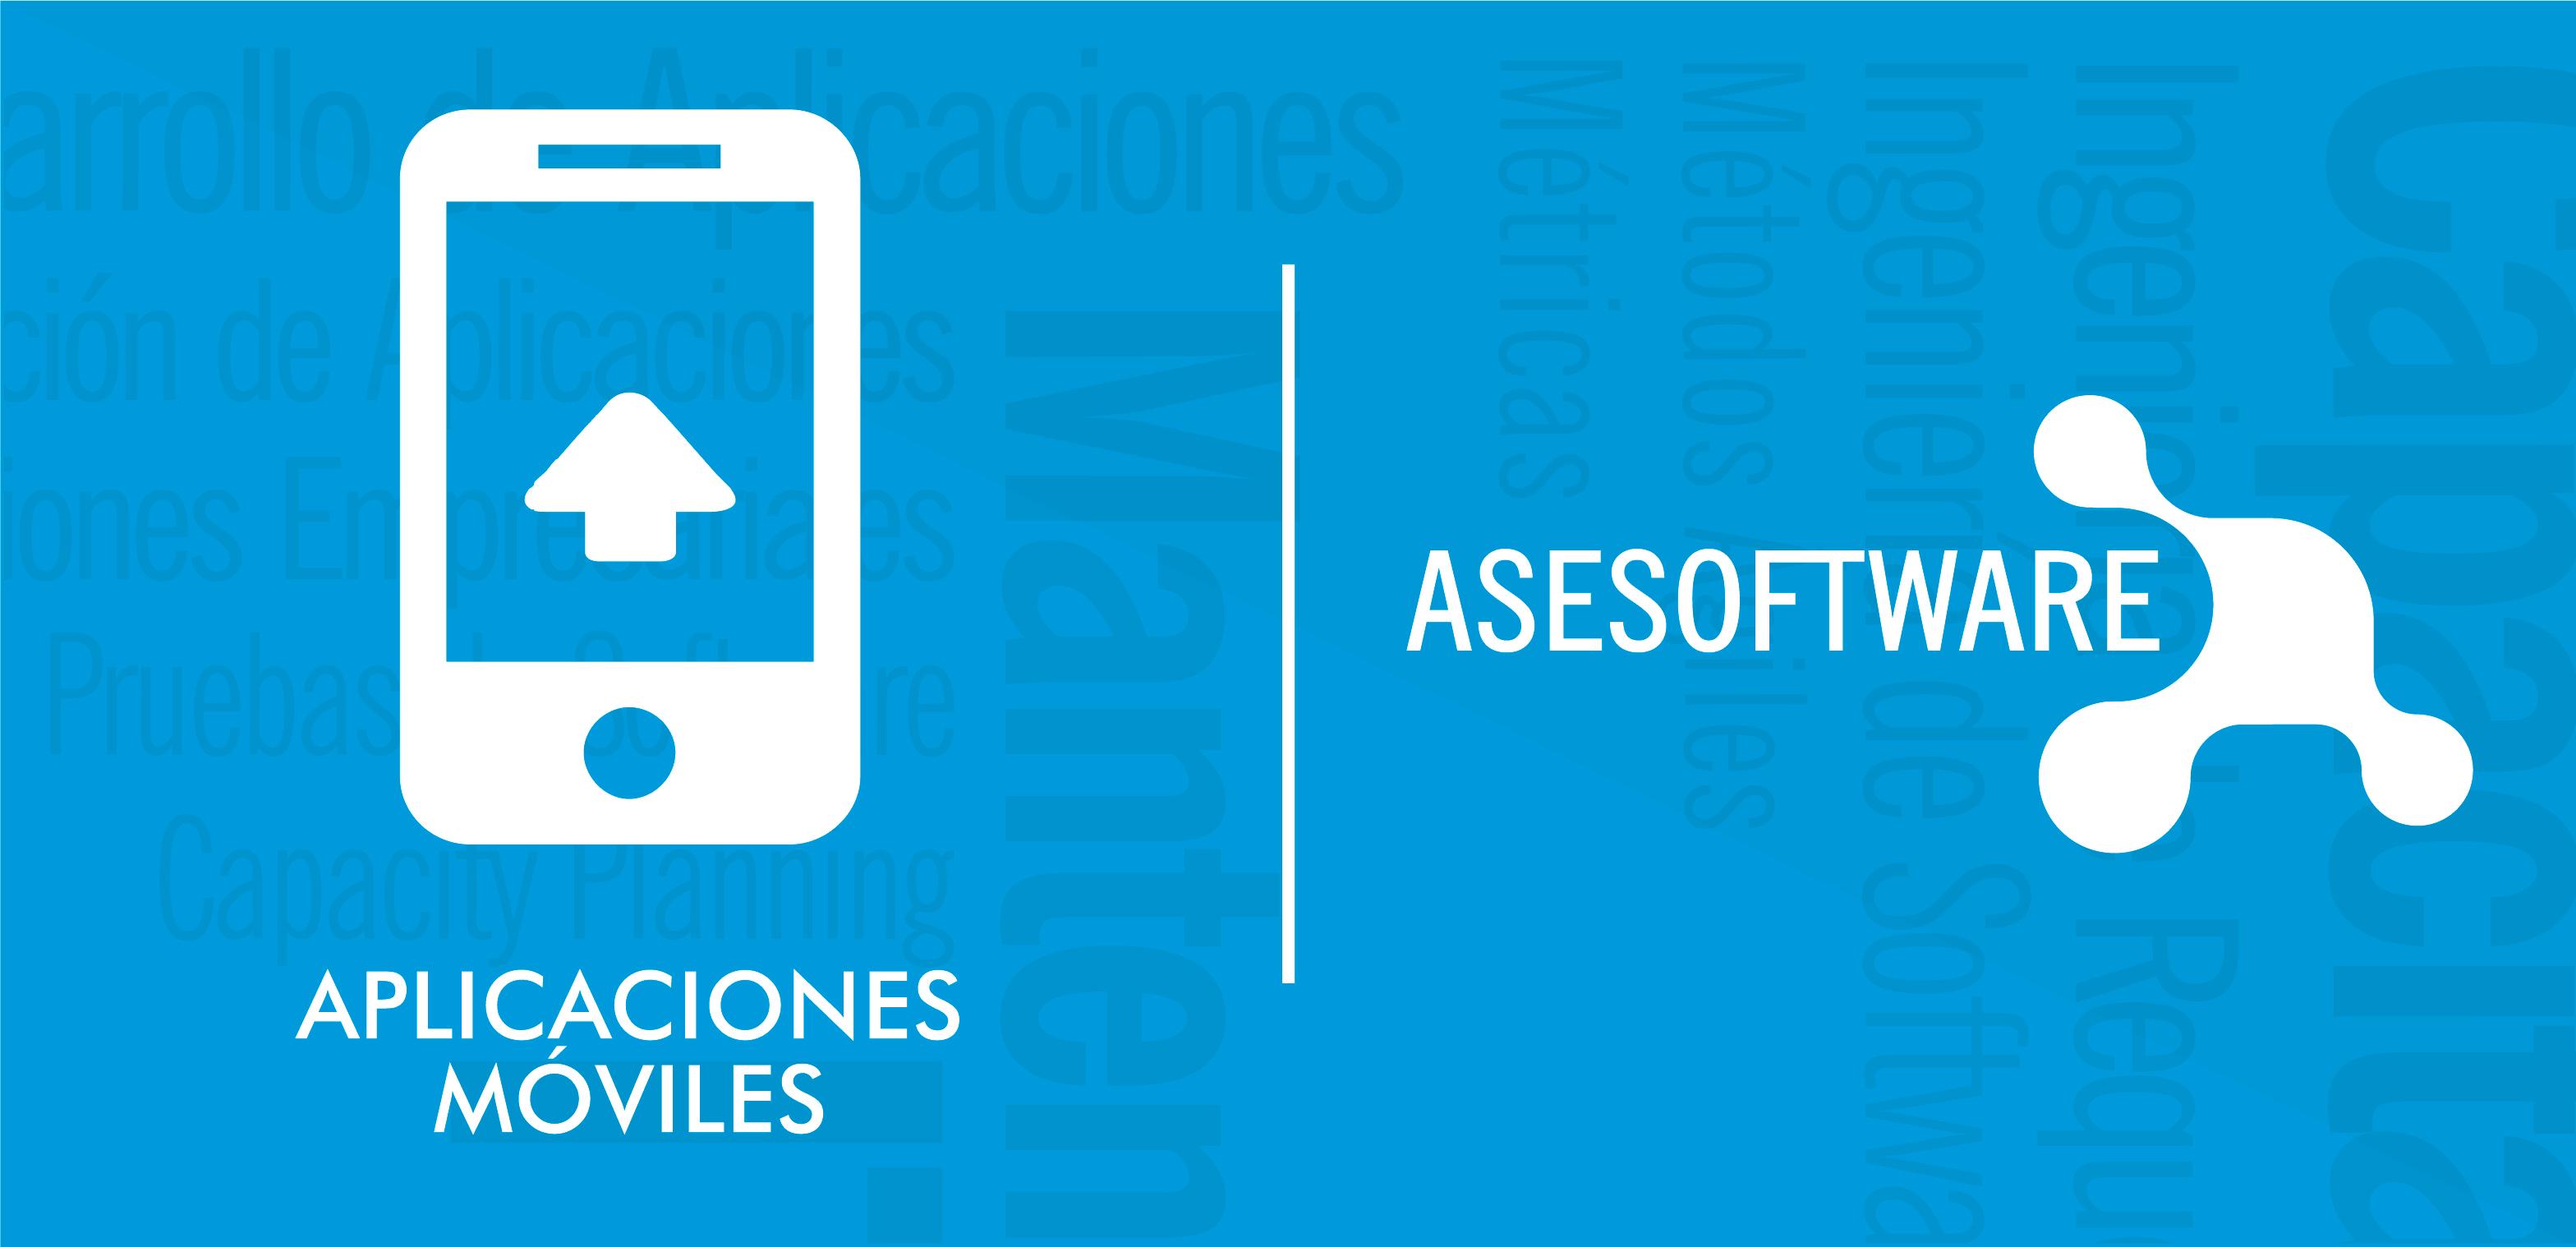 Desarrollo de Software para Aplicaciones Móviles | ASESOFTWARE